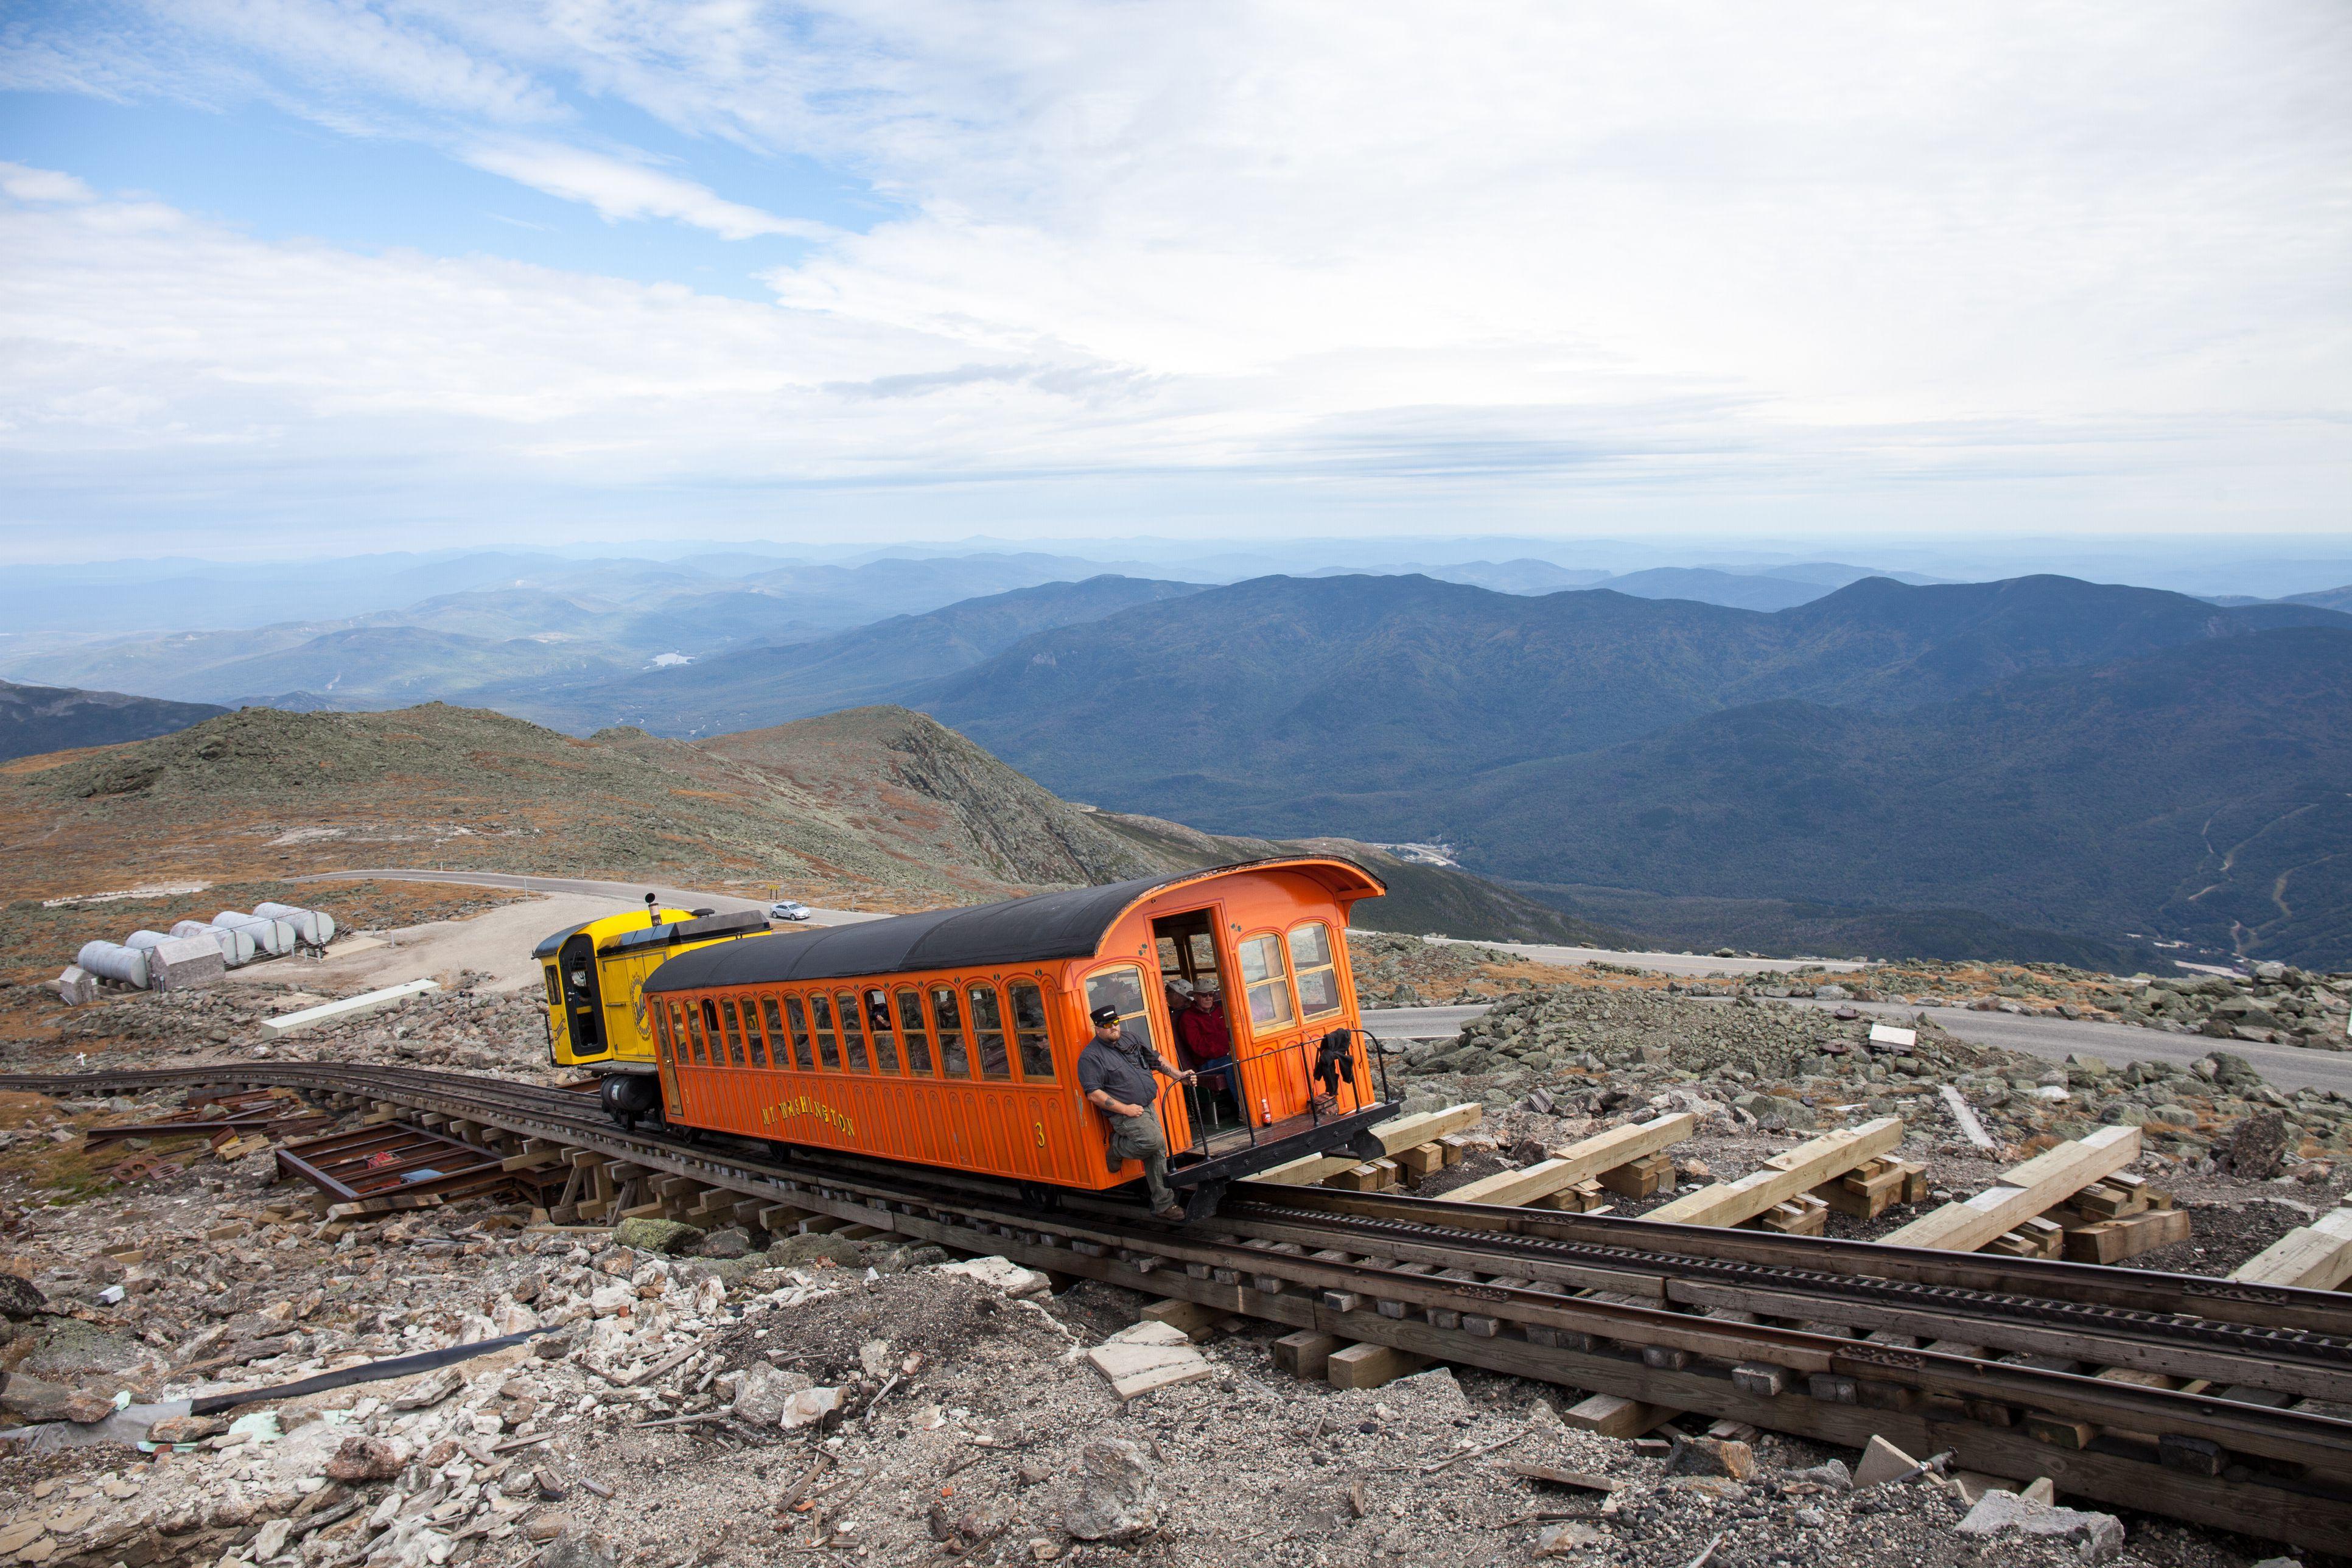 Mount Washington Cog Railway in New Hampshire White Mountains